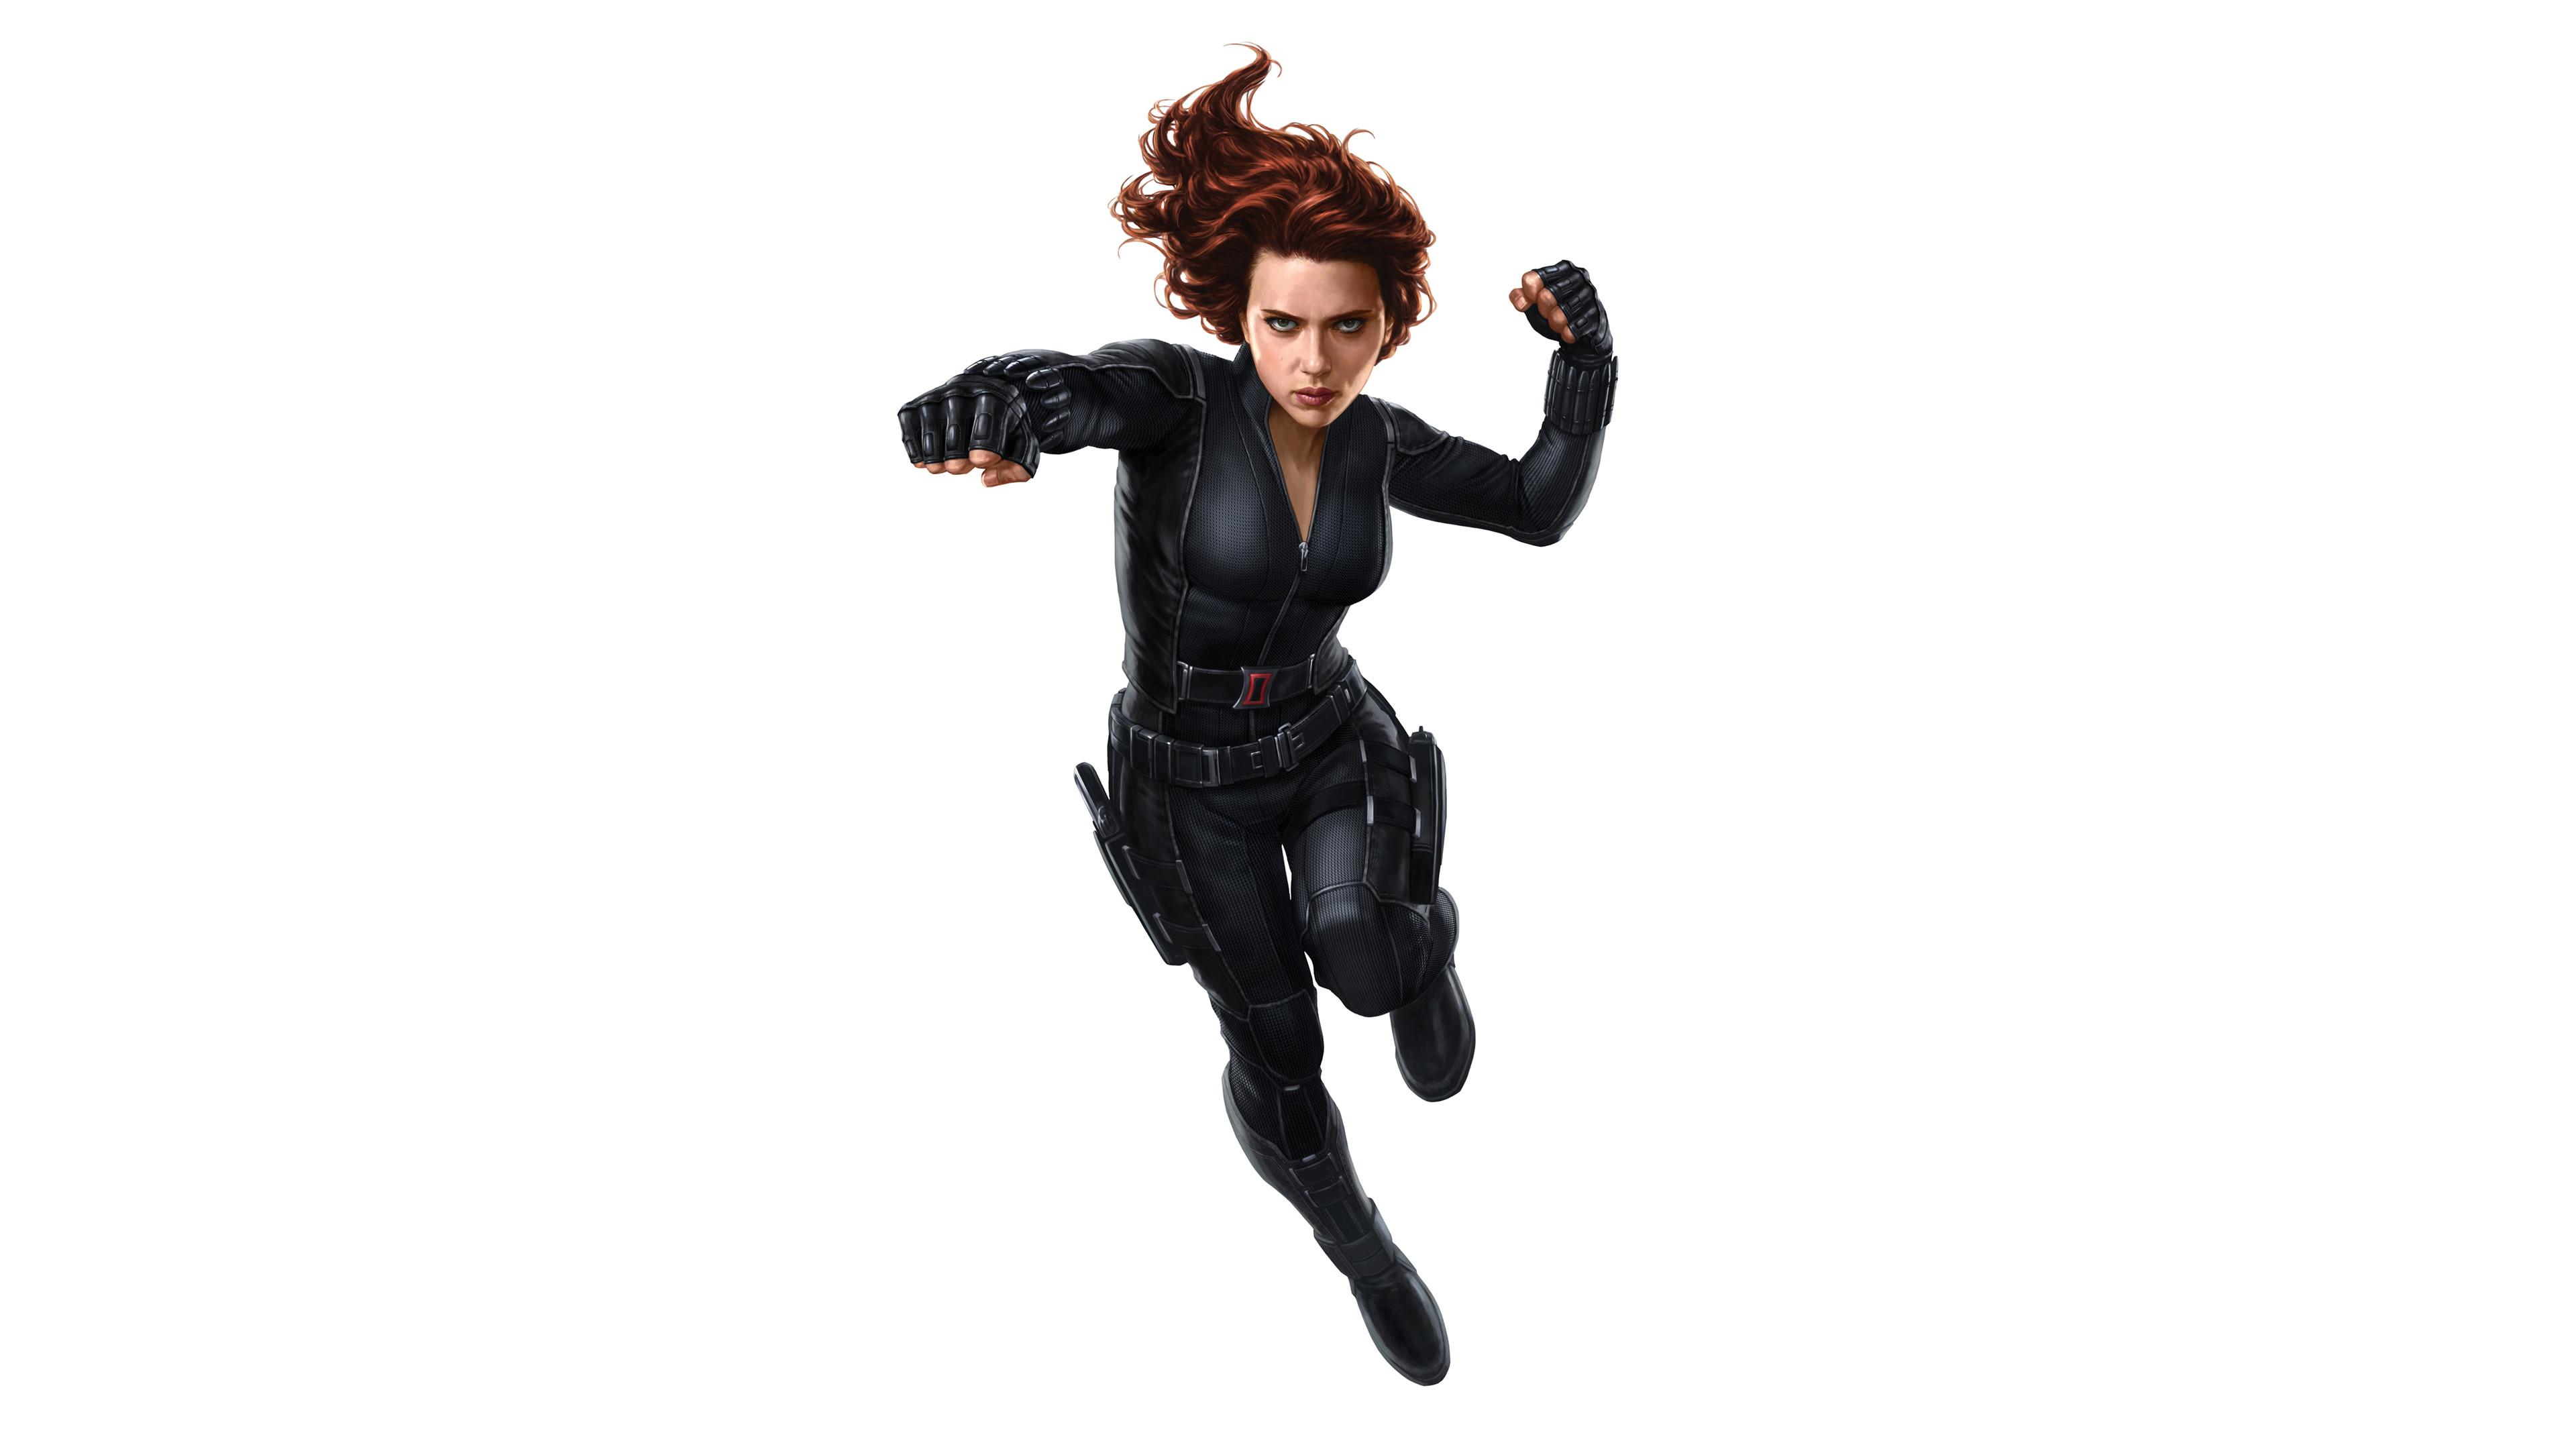 Download 3840x2160 Wallpaper Black Widow, Avengers: Infinity